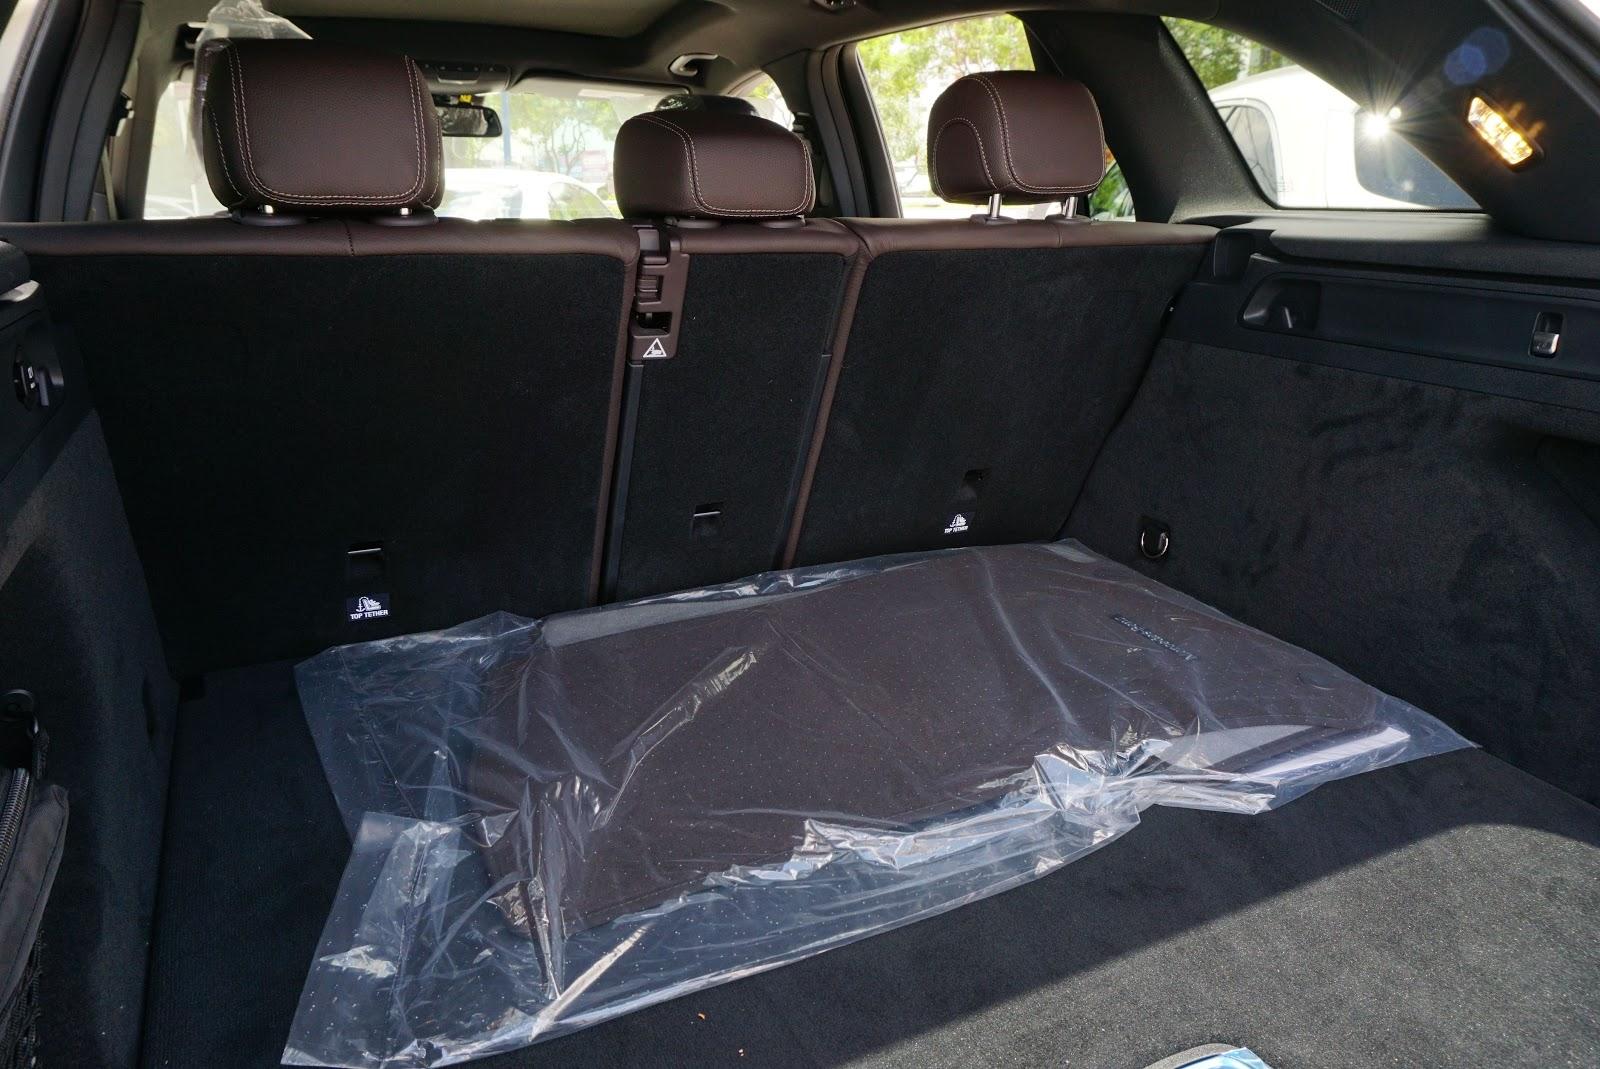 Cabin hành lý chưa hạ hàng ghế đã rất rộng rồi, có thể nói rất thoải mái